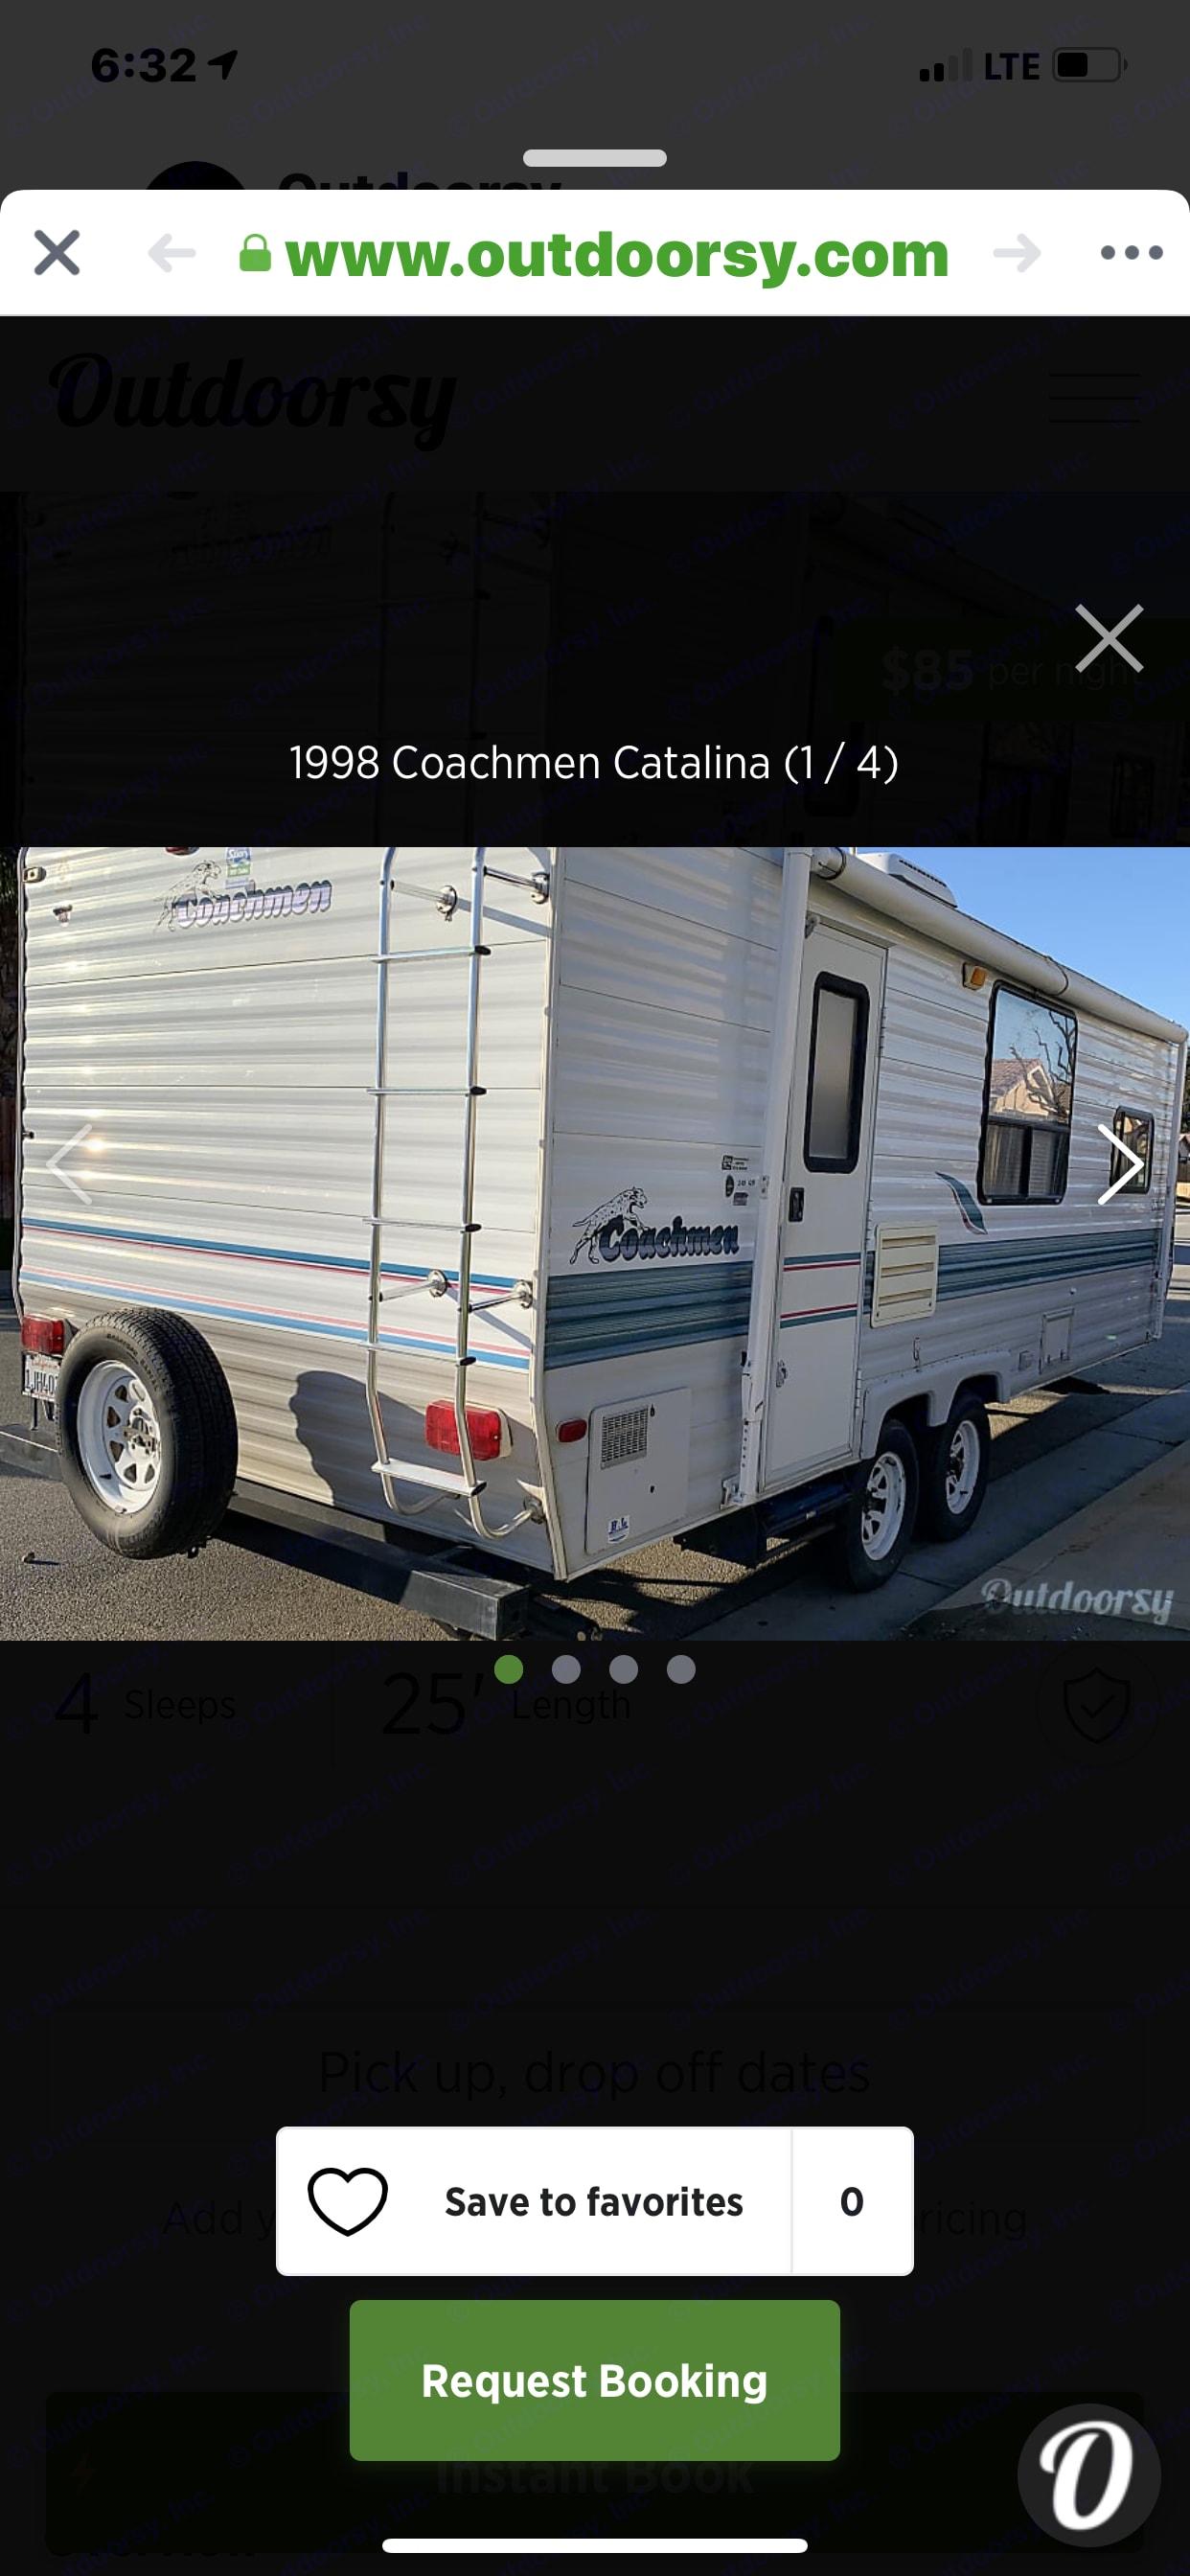 Coachmen Catalina 1998